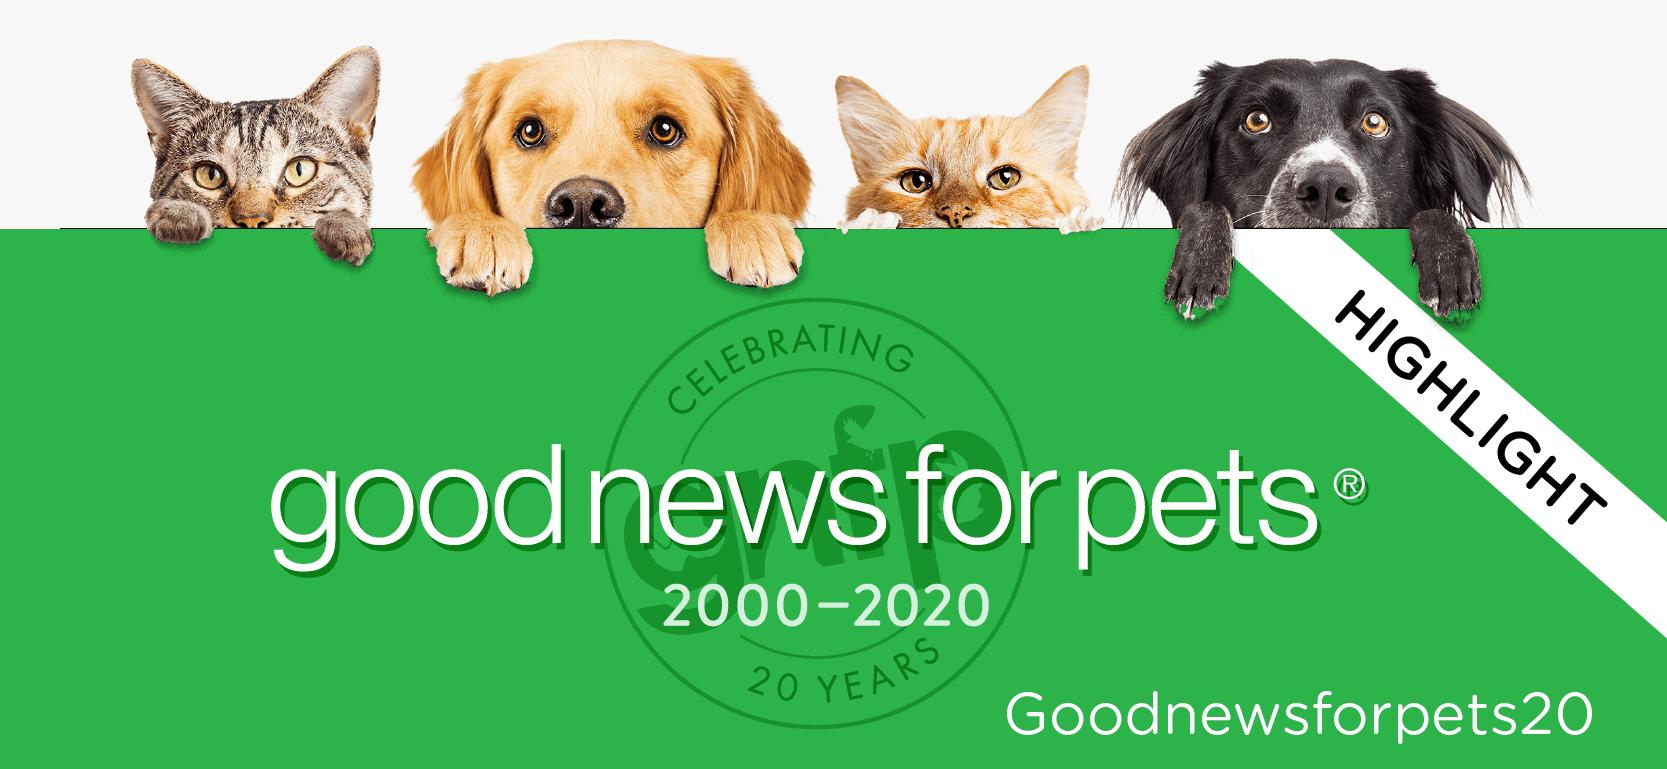 Goodnewsforpets20 Highlight goodnewsforpets.com goodnewsforpets germinder